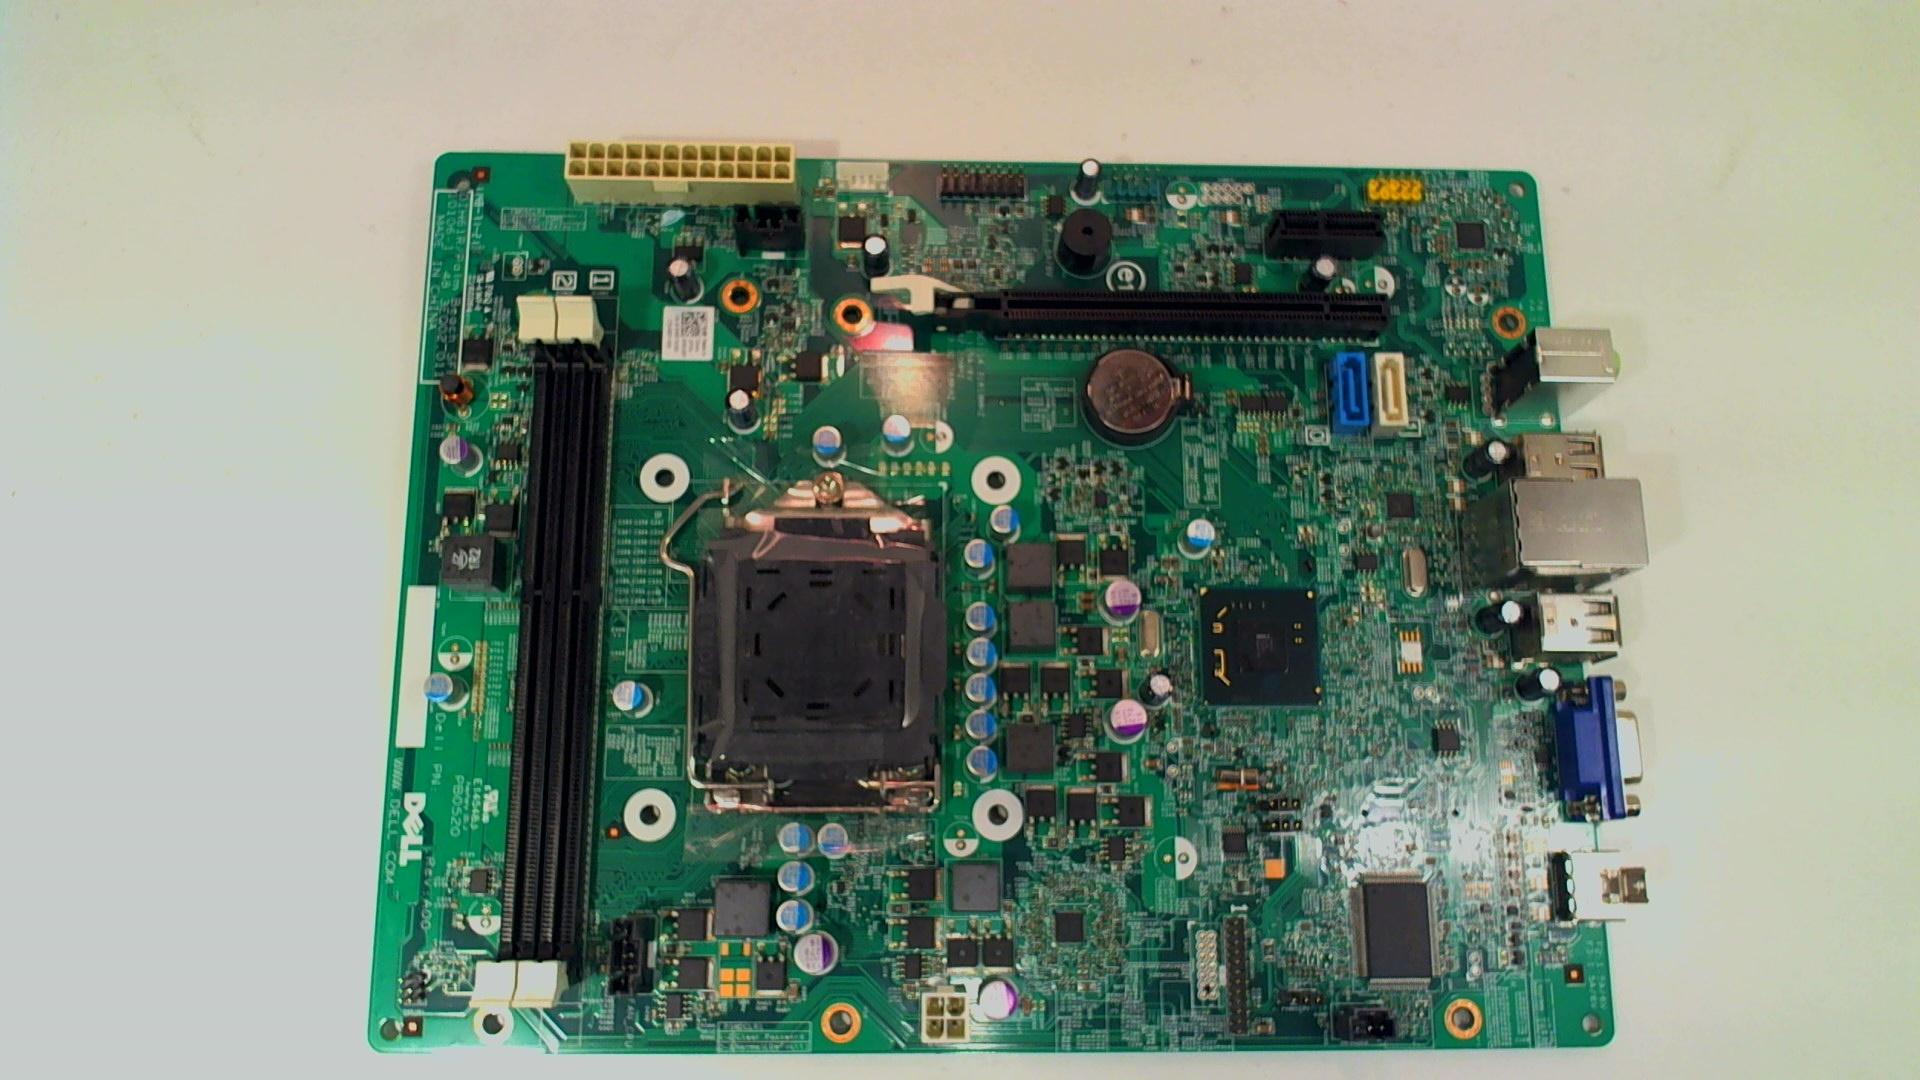 Dell optiplex 390 sff socket 1155 motherboard pb0520 for An und verkauf von mobeln